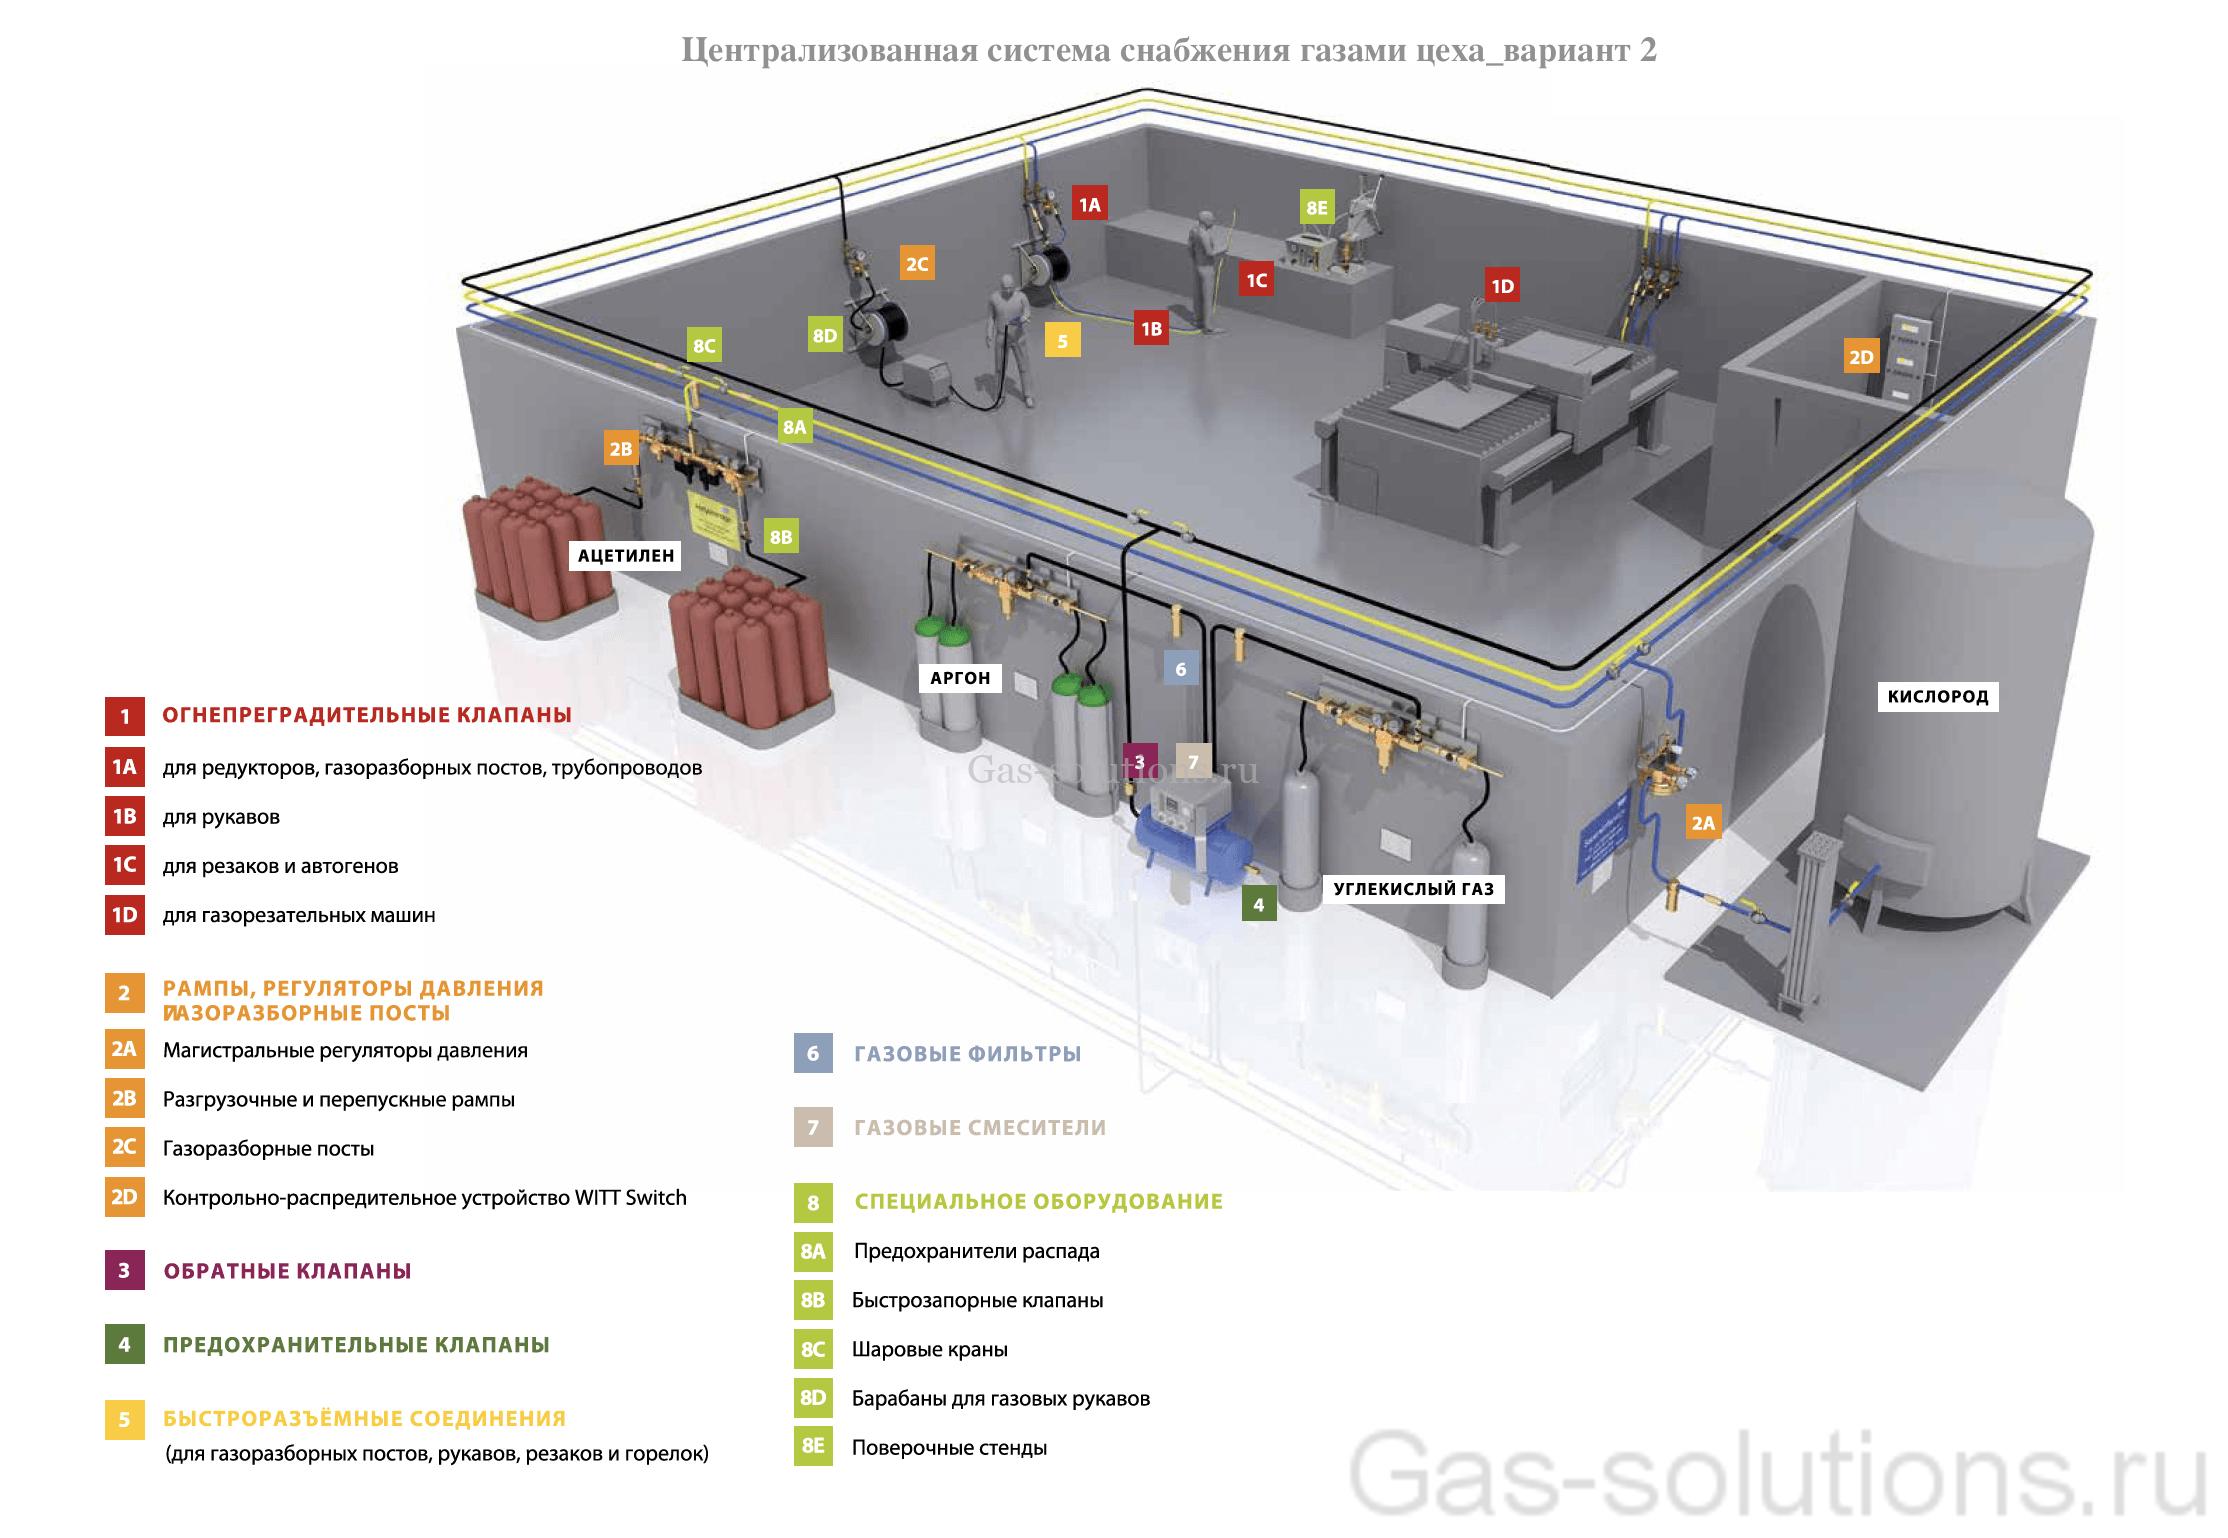 Централизованная система снабжения газами цеха_вариант 2